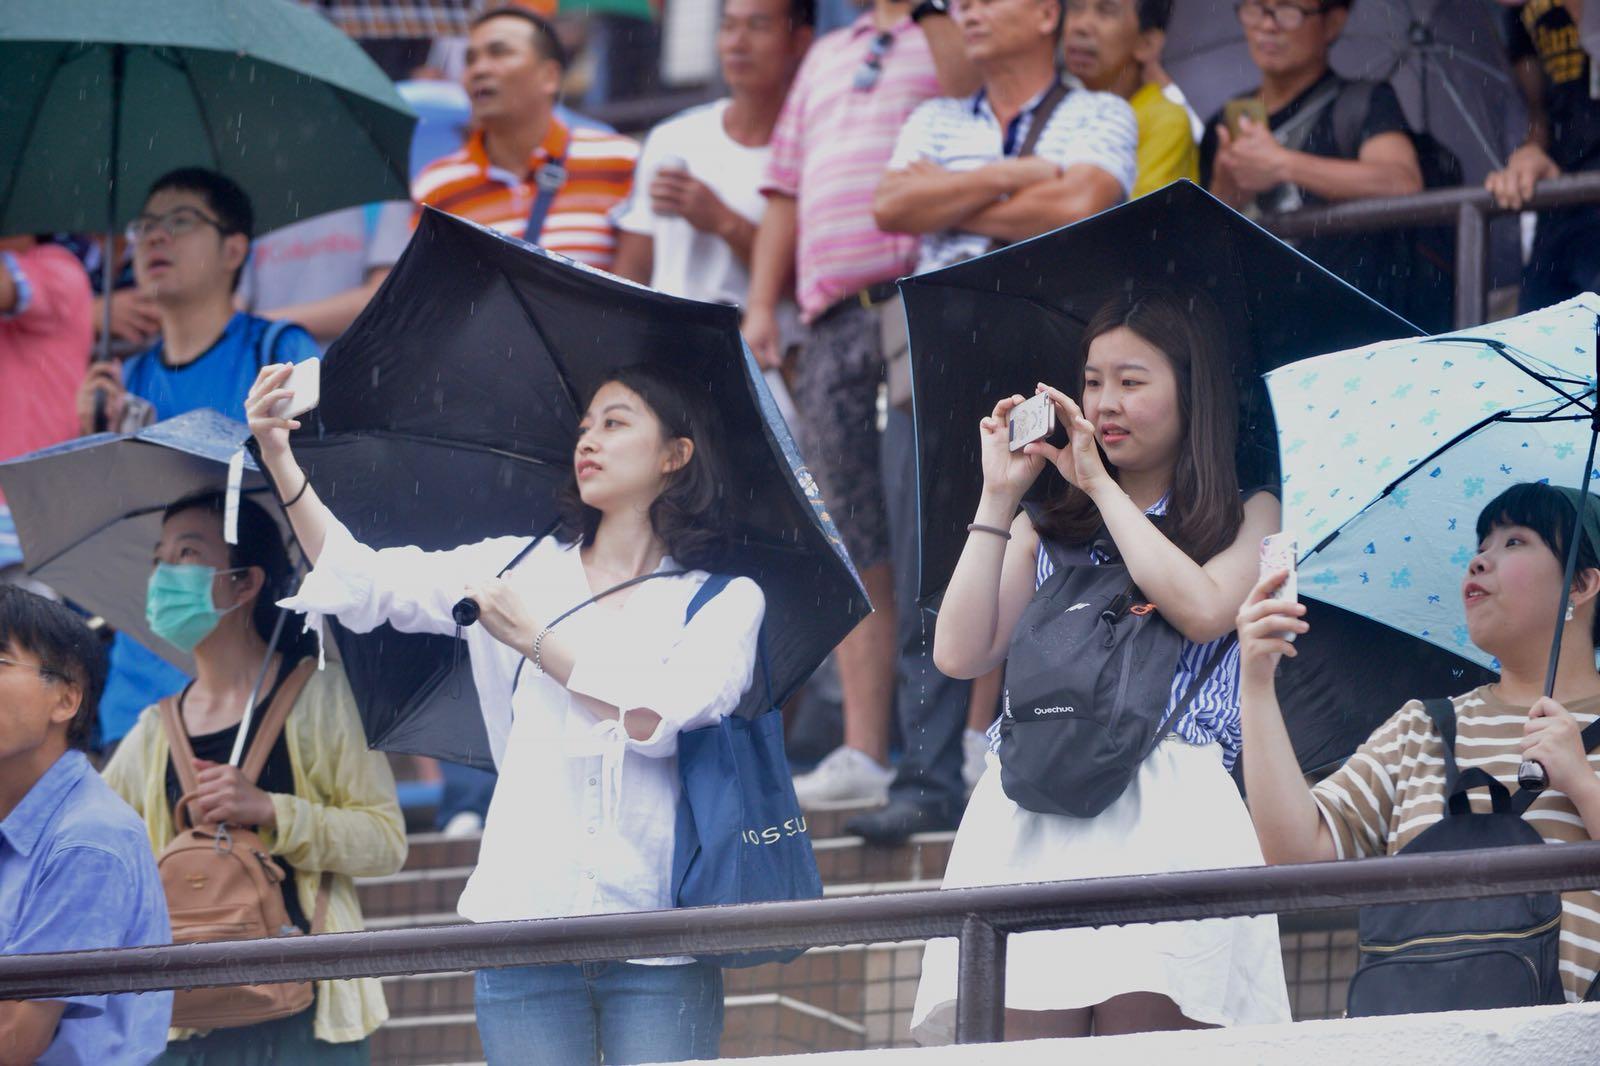 今日雖然大雨,但無損市民到馬場觀看賽事的興致。